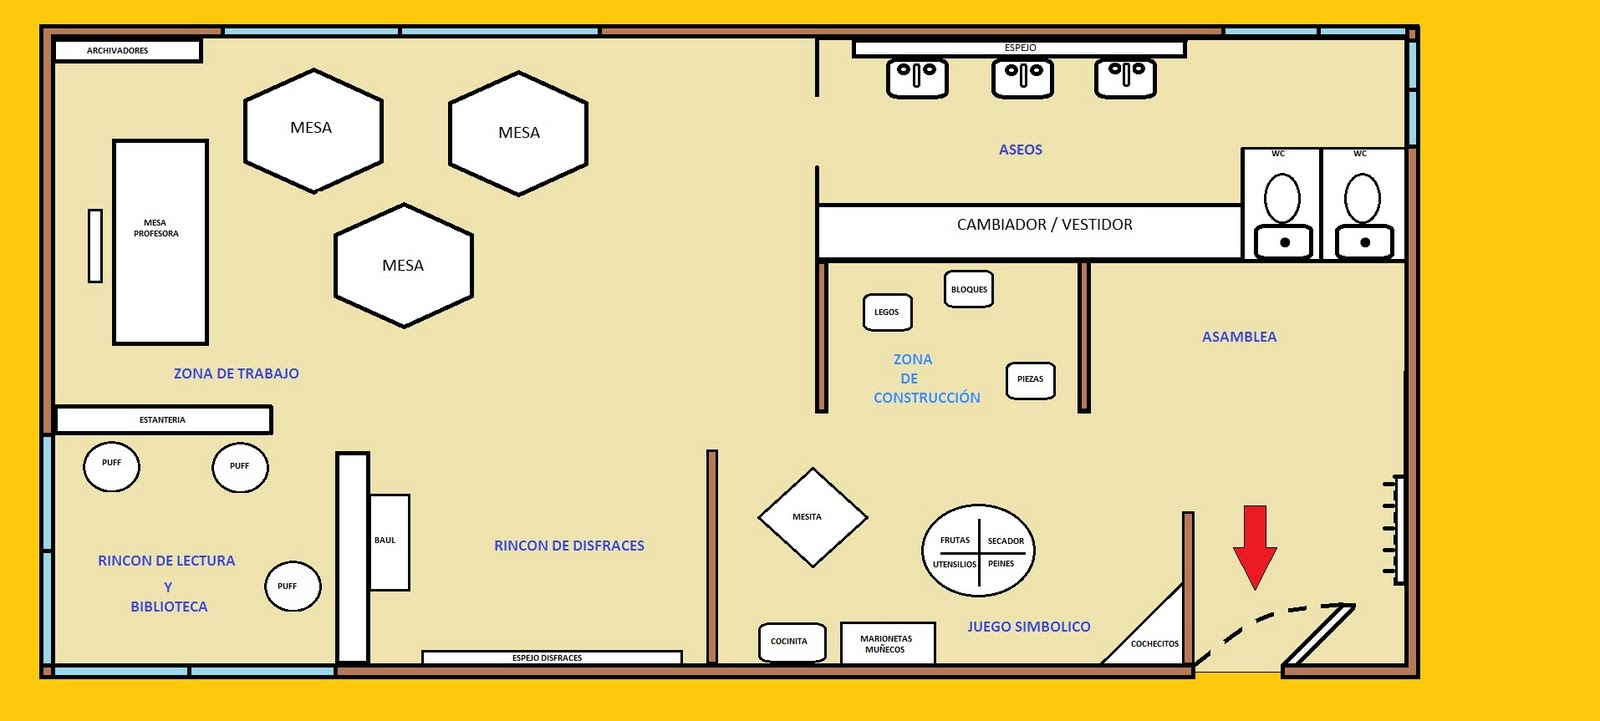 09 aulas escuela infantil siete enanitos for Plano escuela infantil